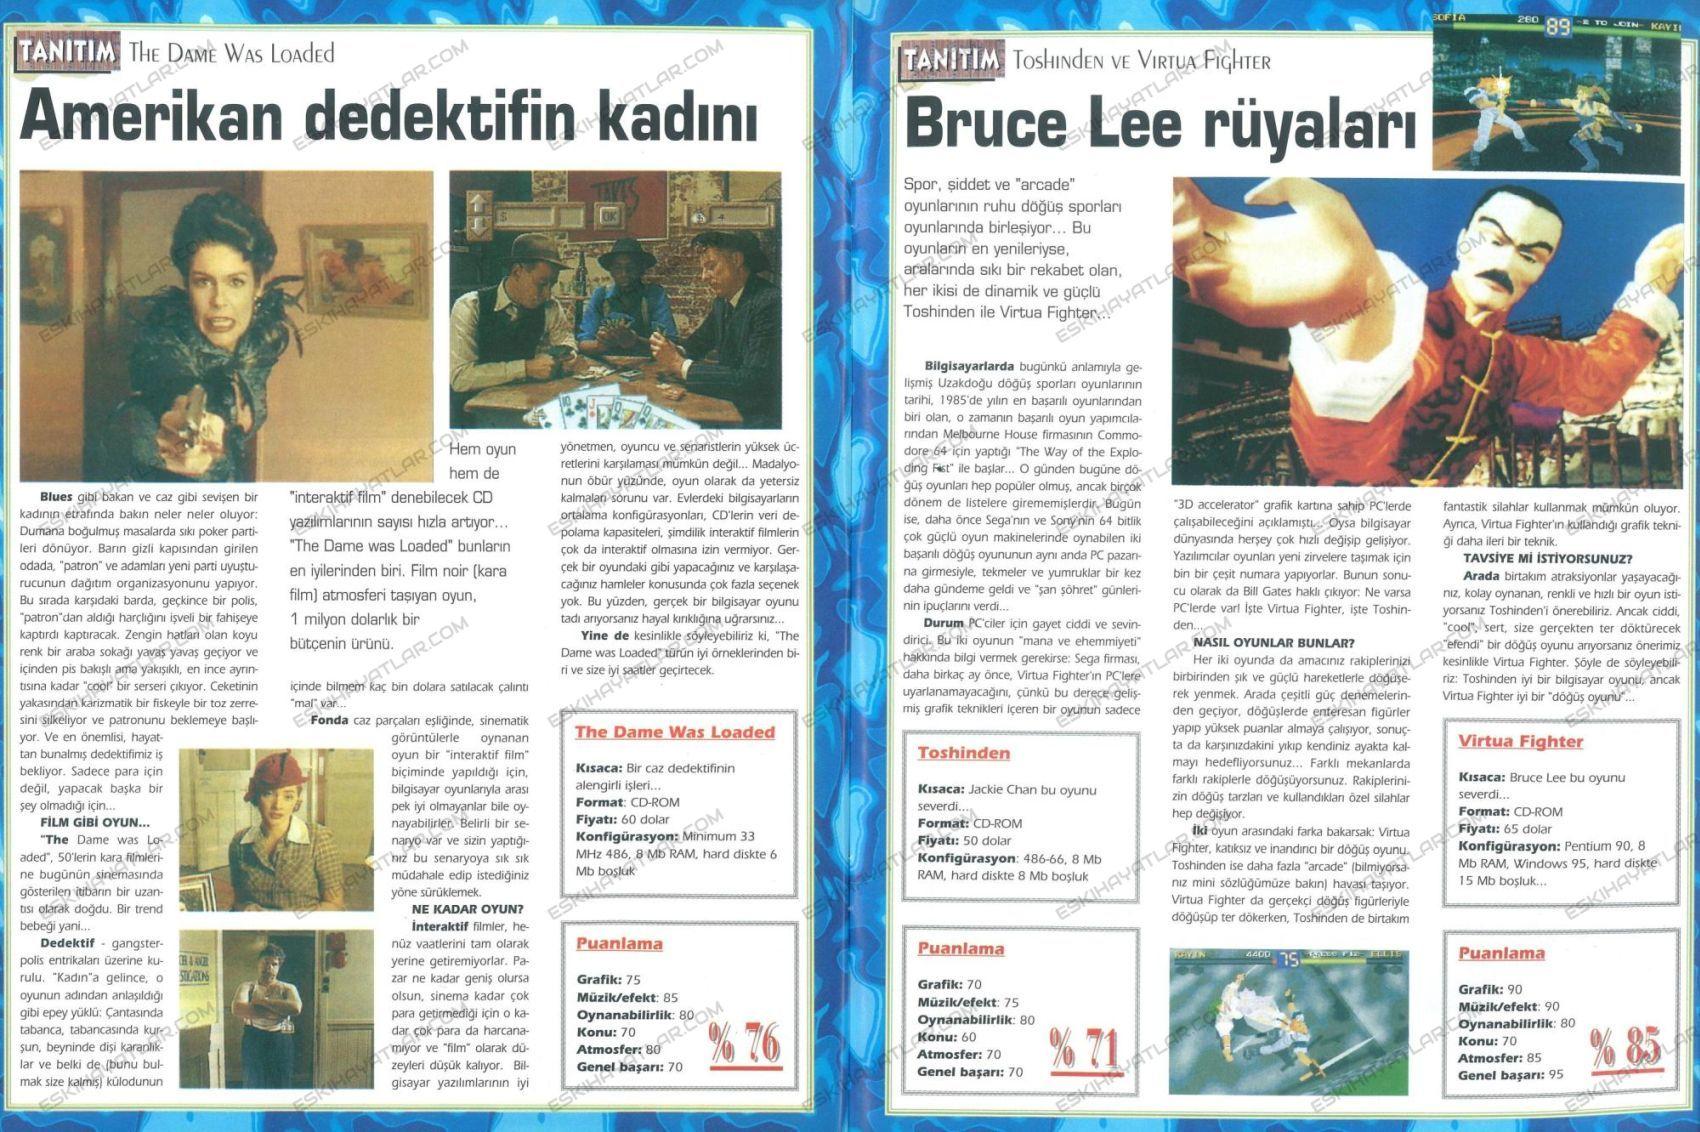 0277-doksanli-yillarin-bilgisayar-oyunlari-1996-yilinda-bilgisayar-markalari (15)